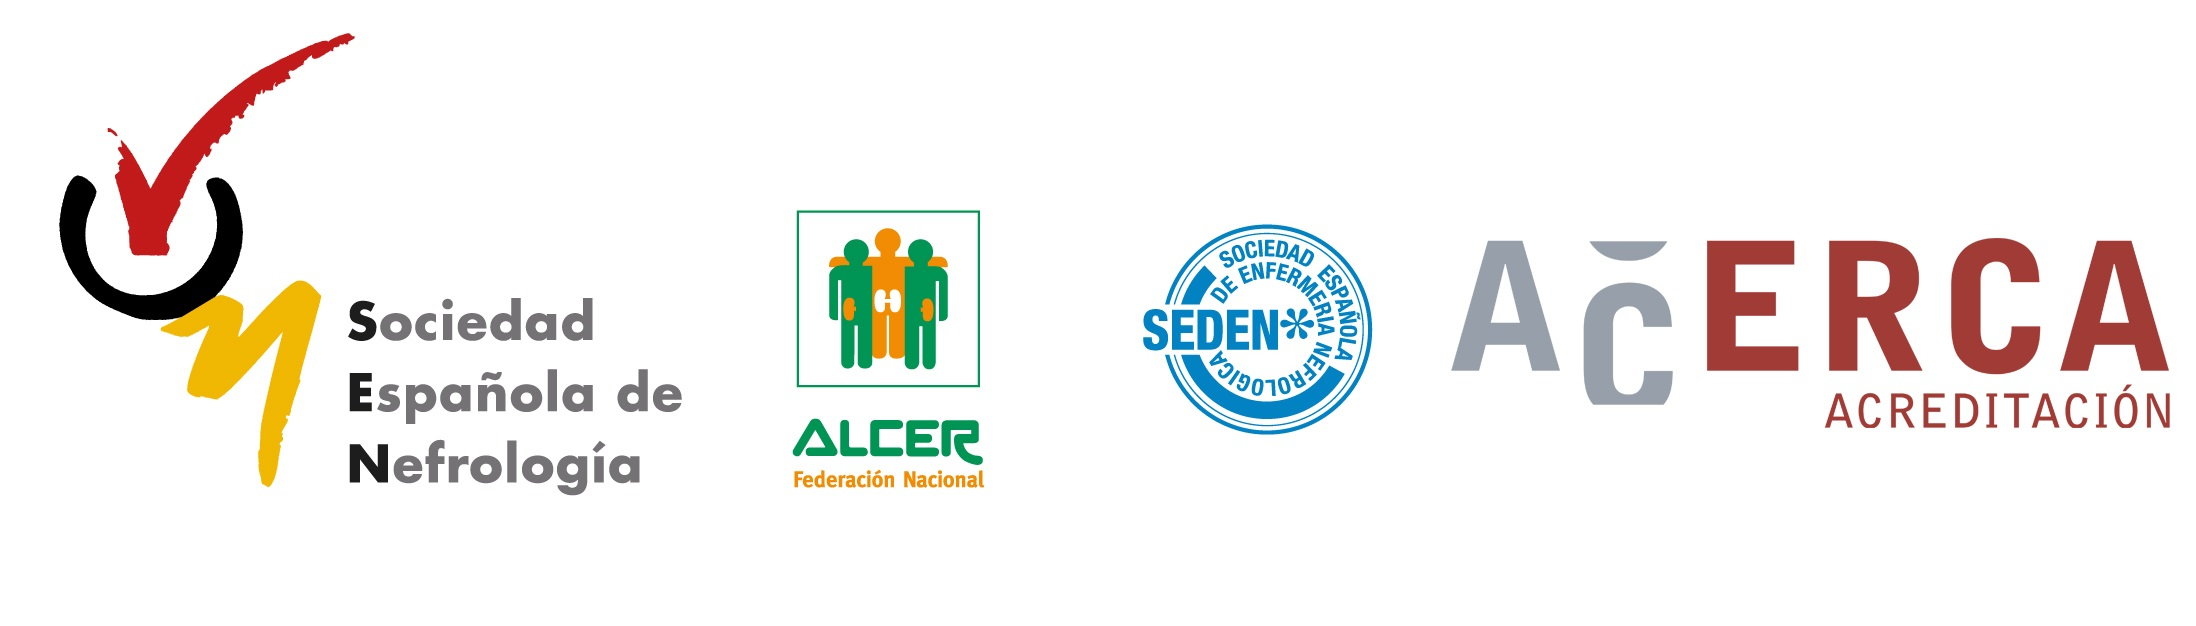 El Hospital Universitario Marqués de Valdecilla pilota, junto a otros 6 hospitales españoles, un modelo de excelencia para mejorar la atención al paciente con Enfermedad Renal Crónica Avanzada